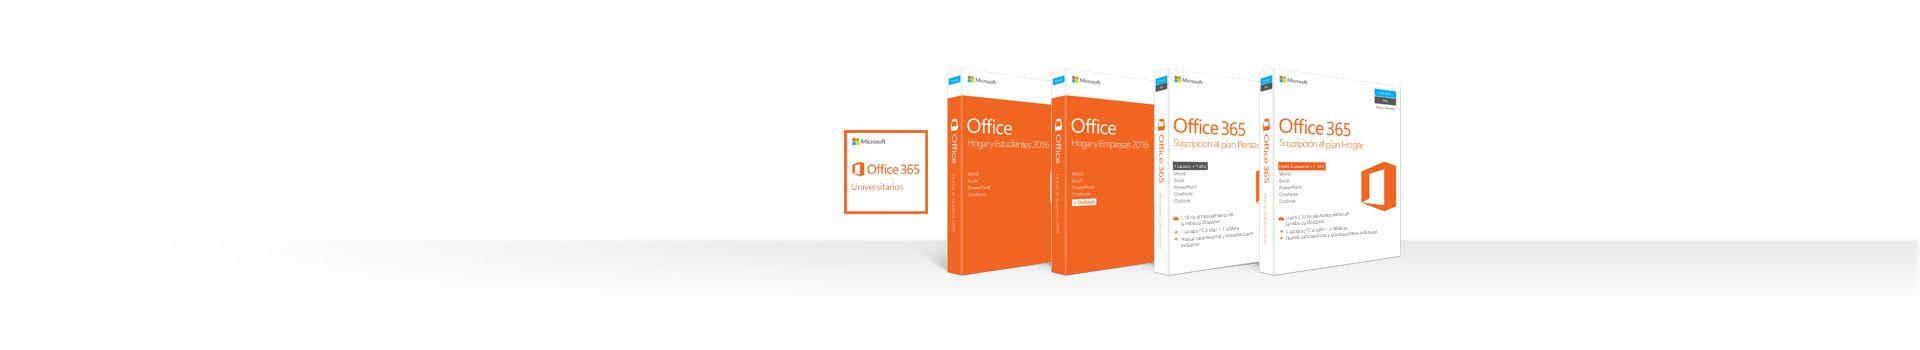 Una fila de cuadros que representa productos independientes y una suscripción de Office para Mac